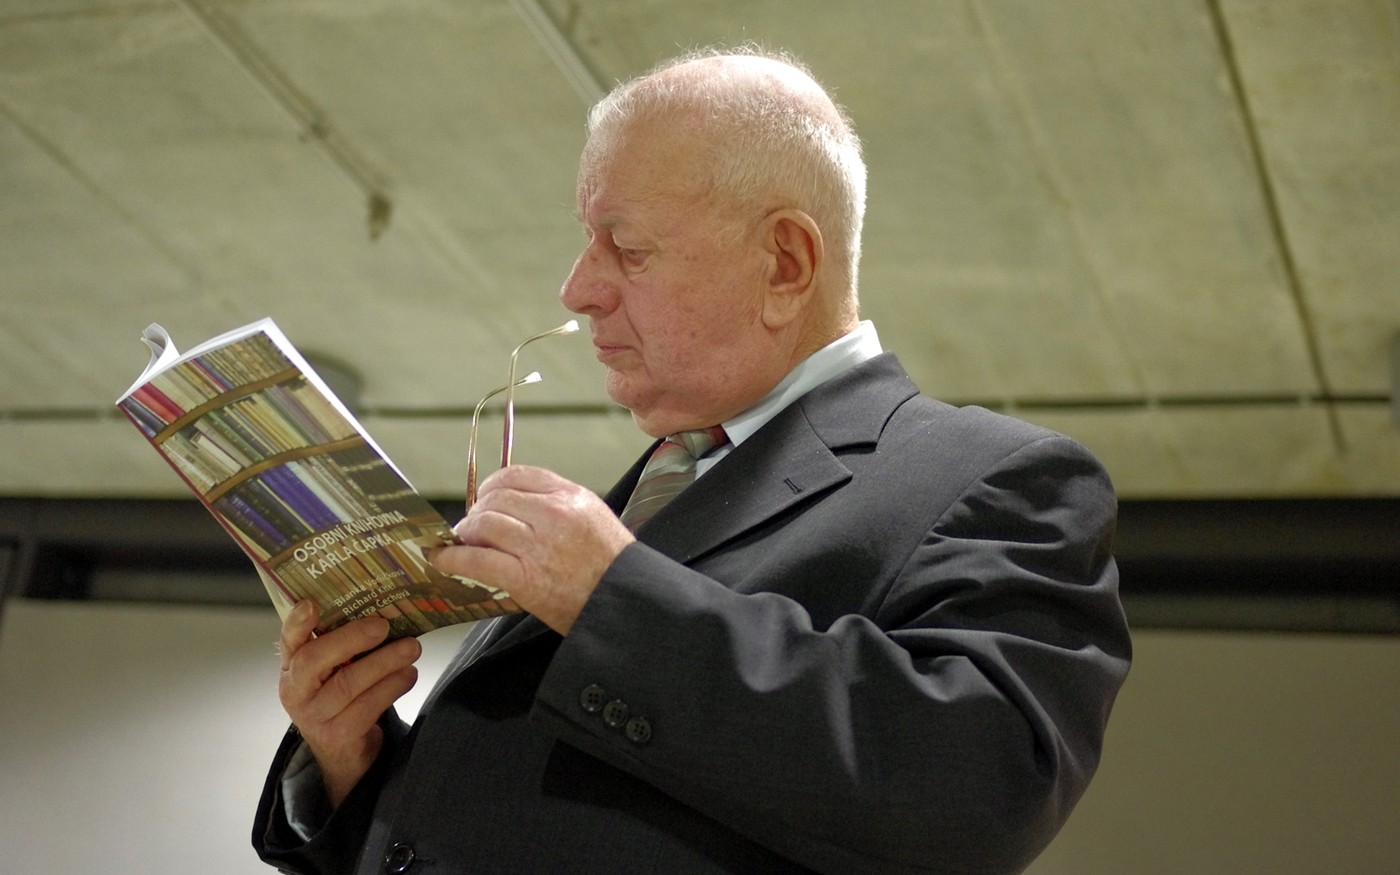 Knihu si mohli návštěvníci nejen prohlédnout, ale i zakoupit